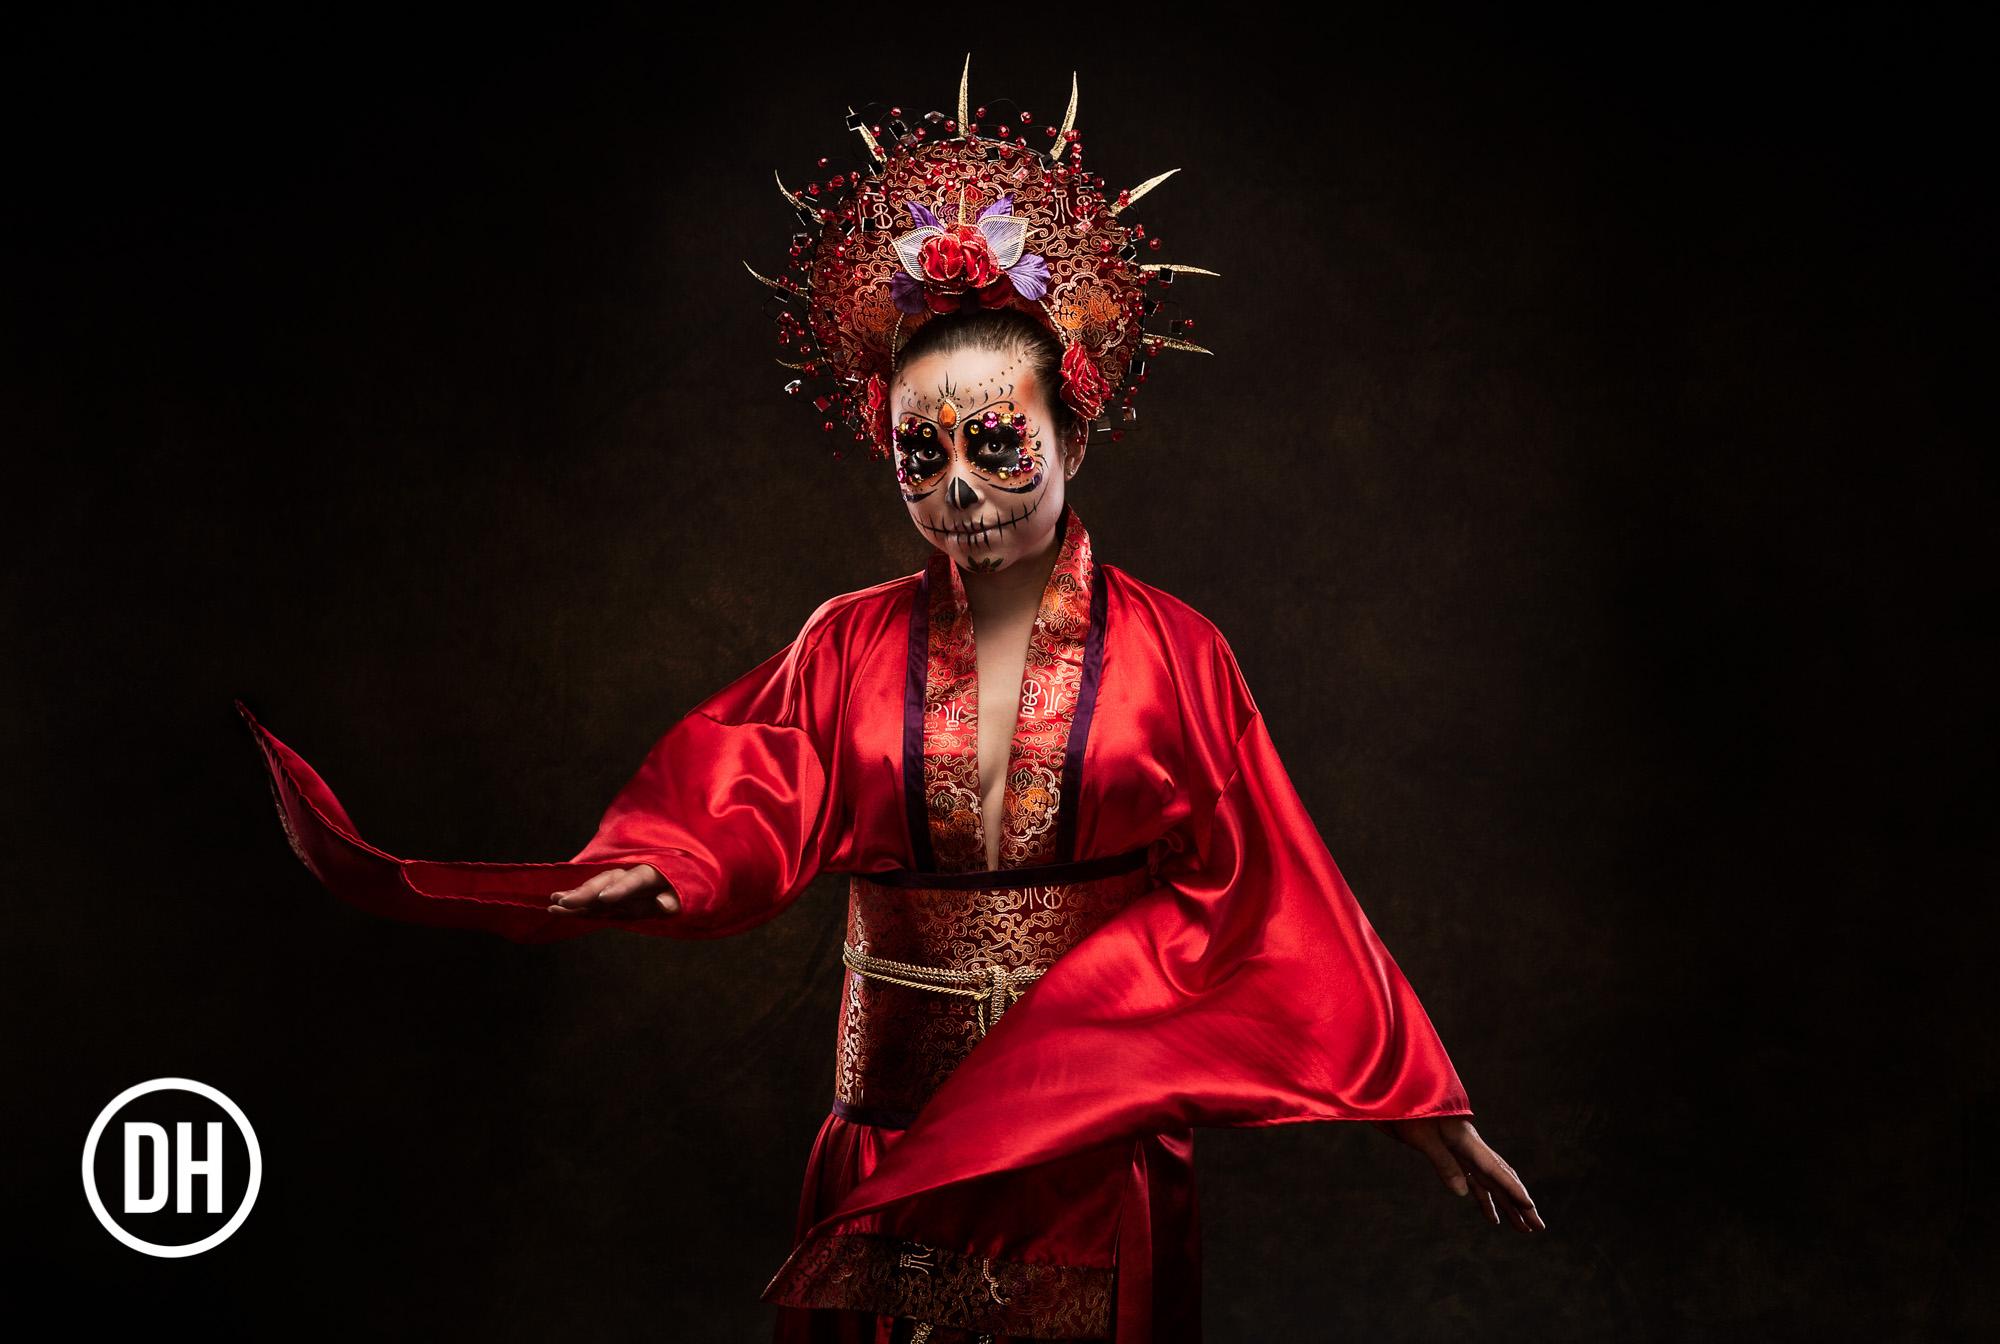 """Image from the """"Día de Muertos"""" series"""